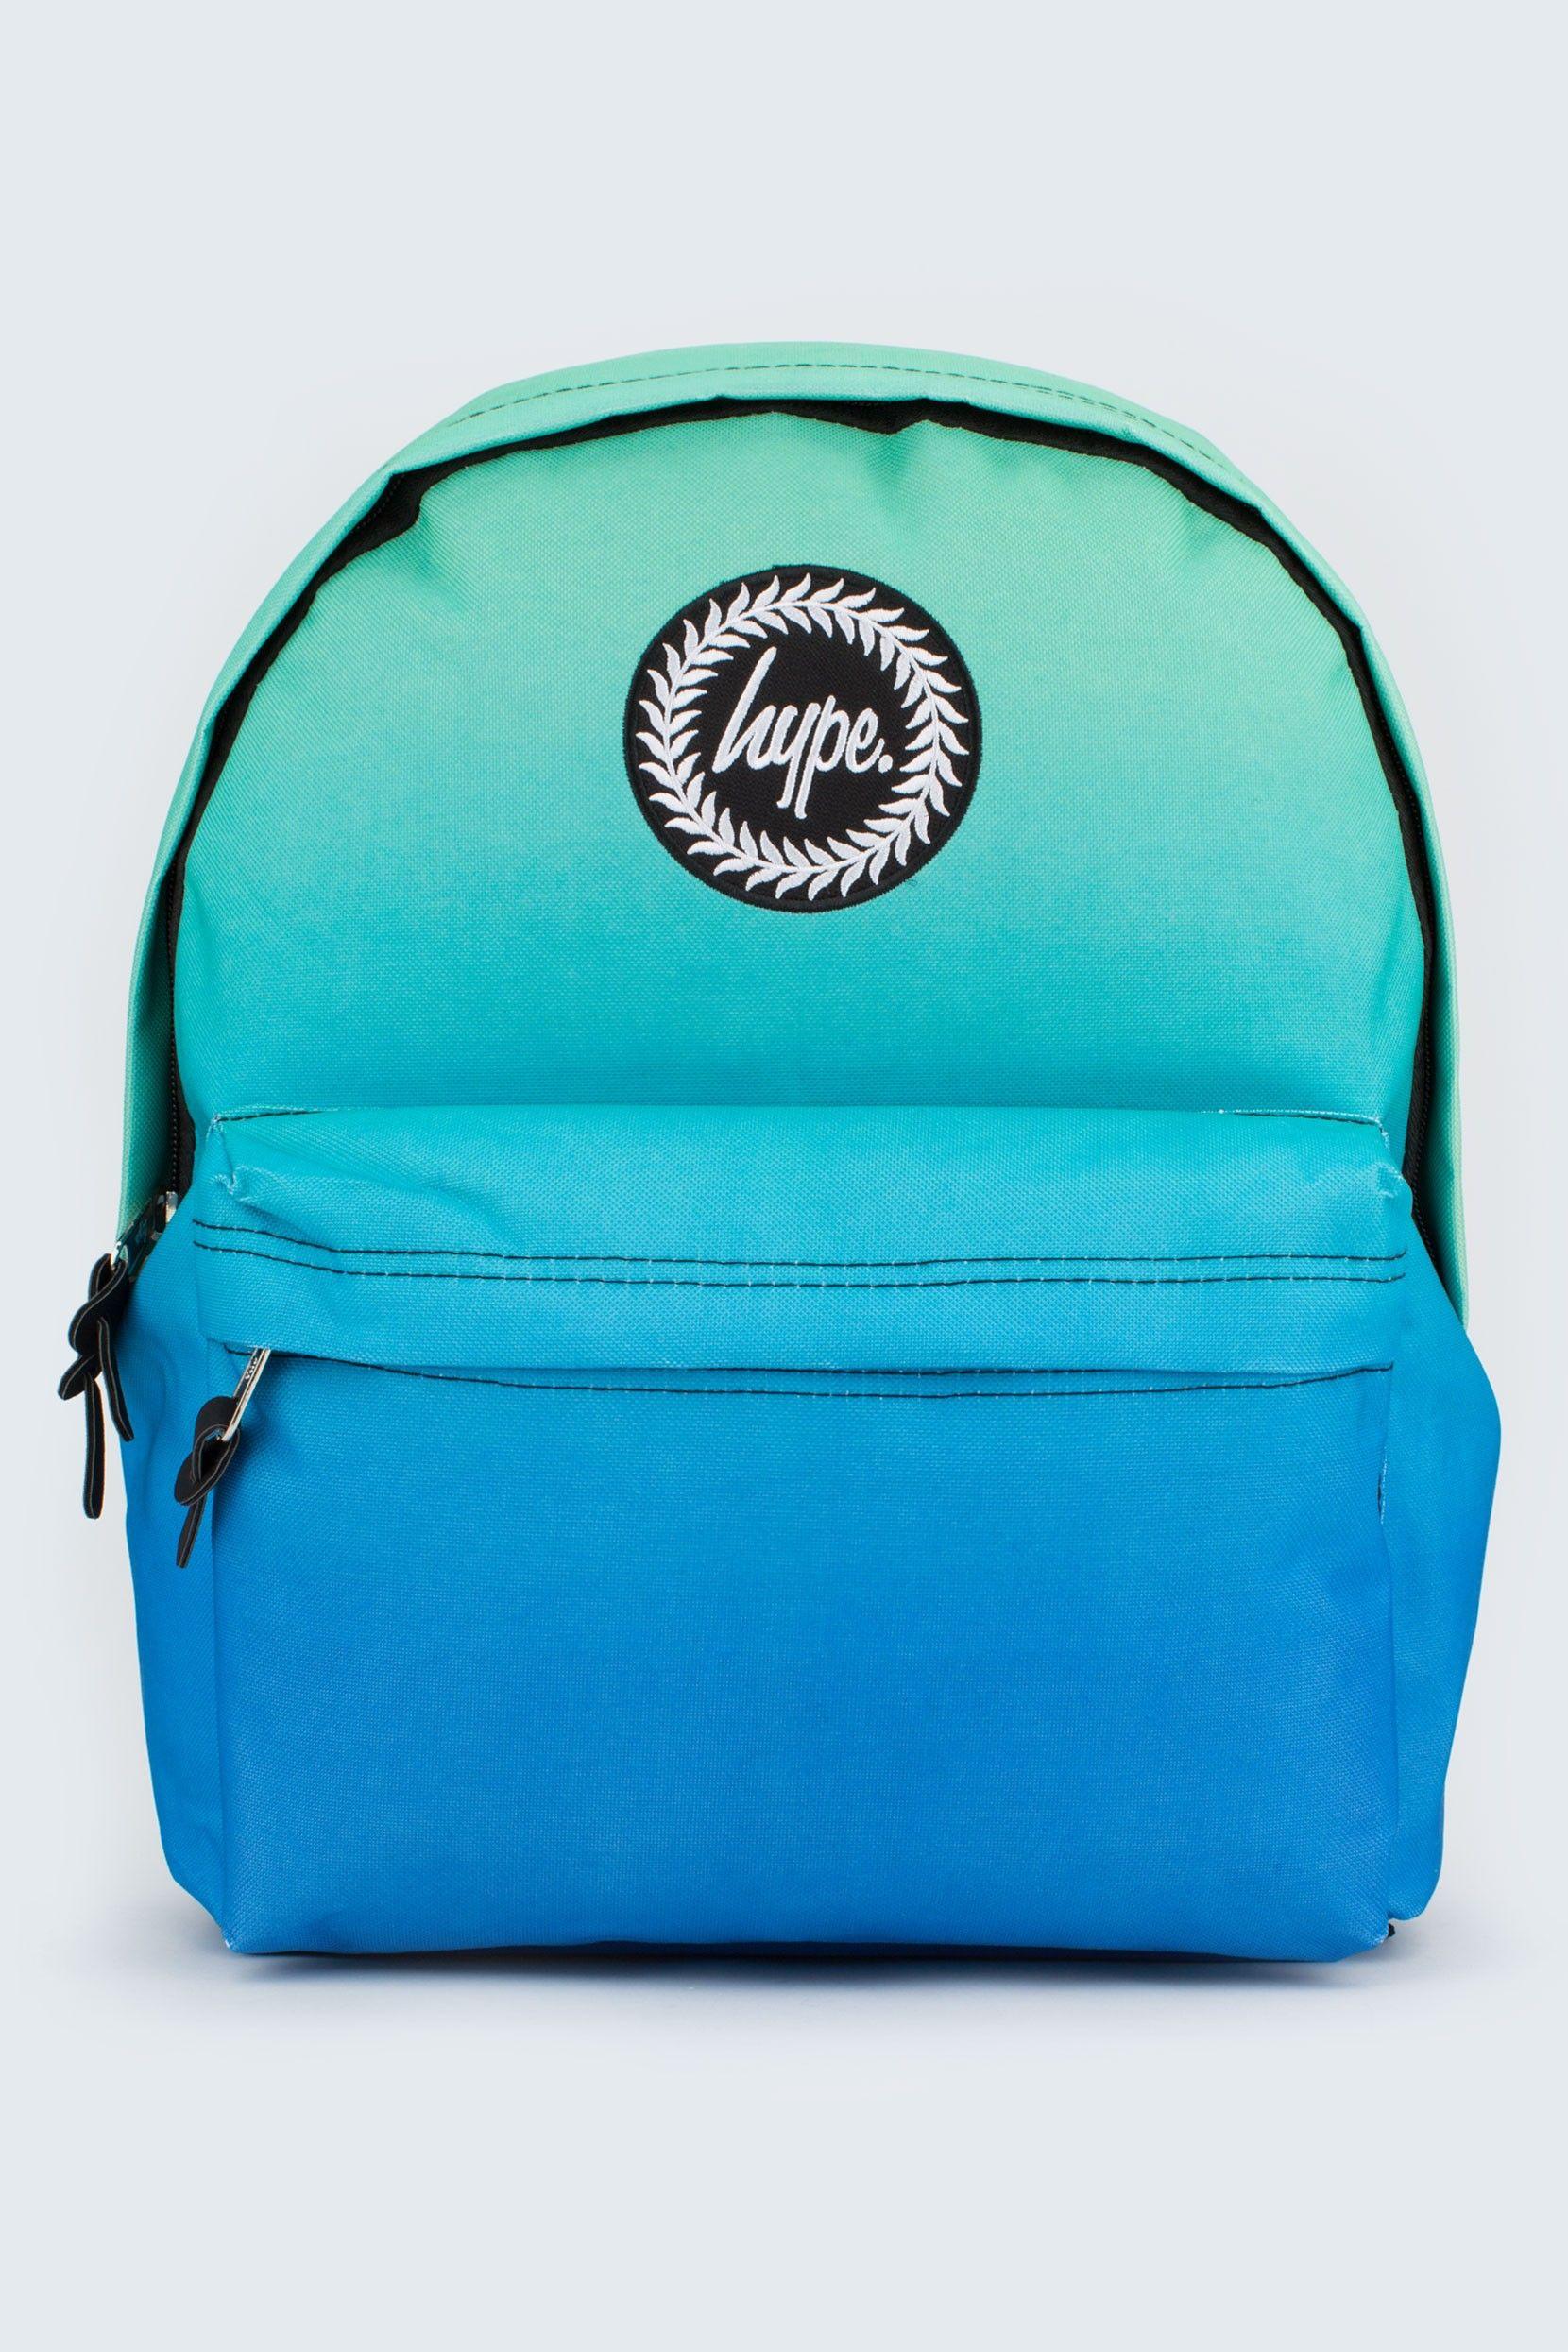 ad6073c93dd5 Hype Primary Splat Speckle Backpack Rucksack Bag Black- Fenix ...